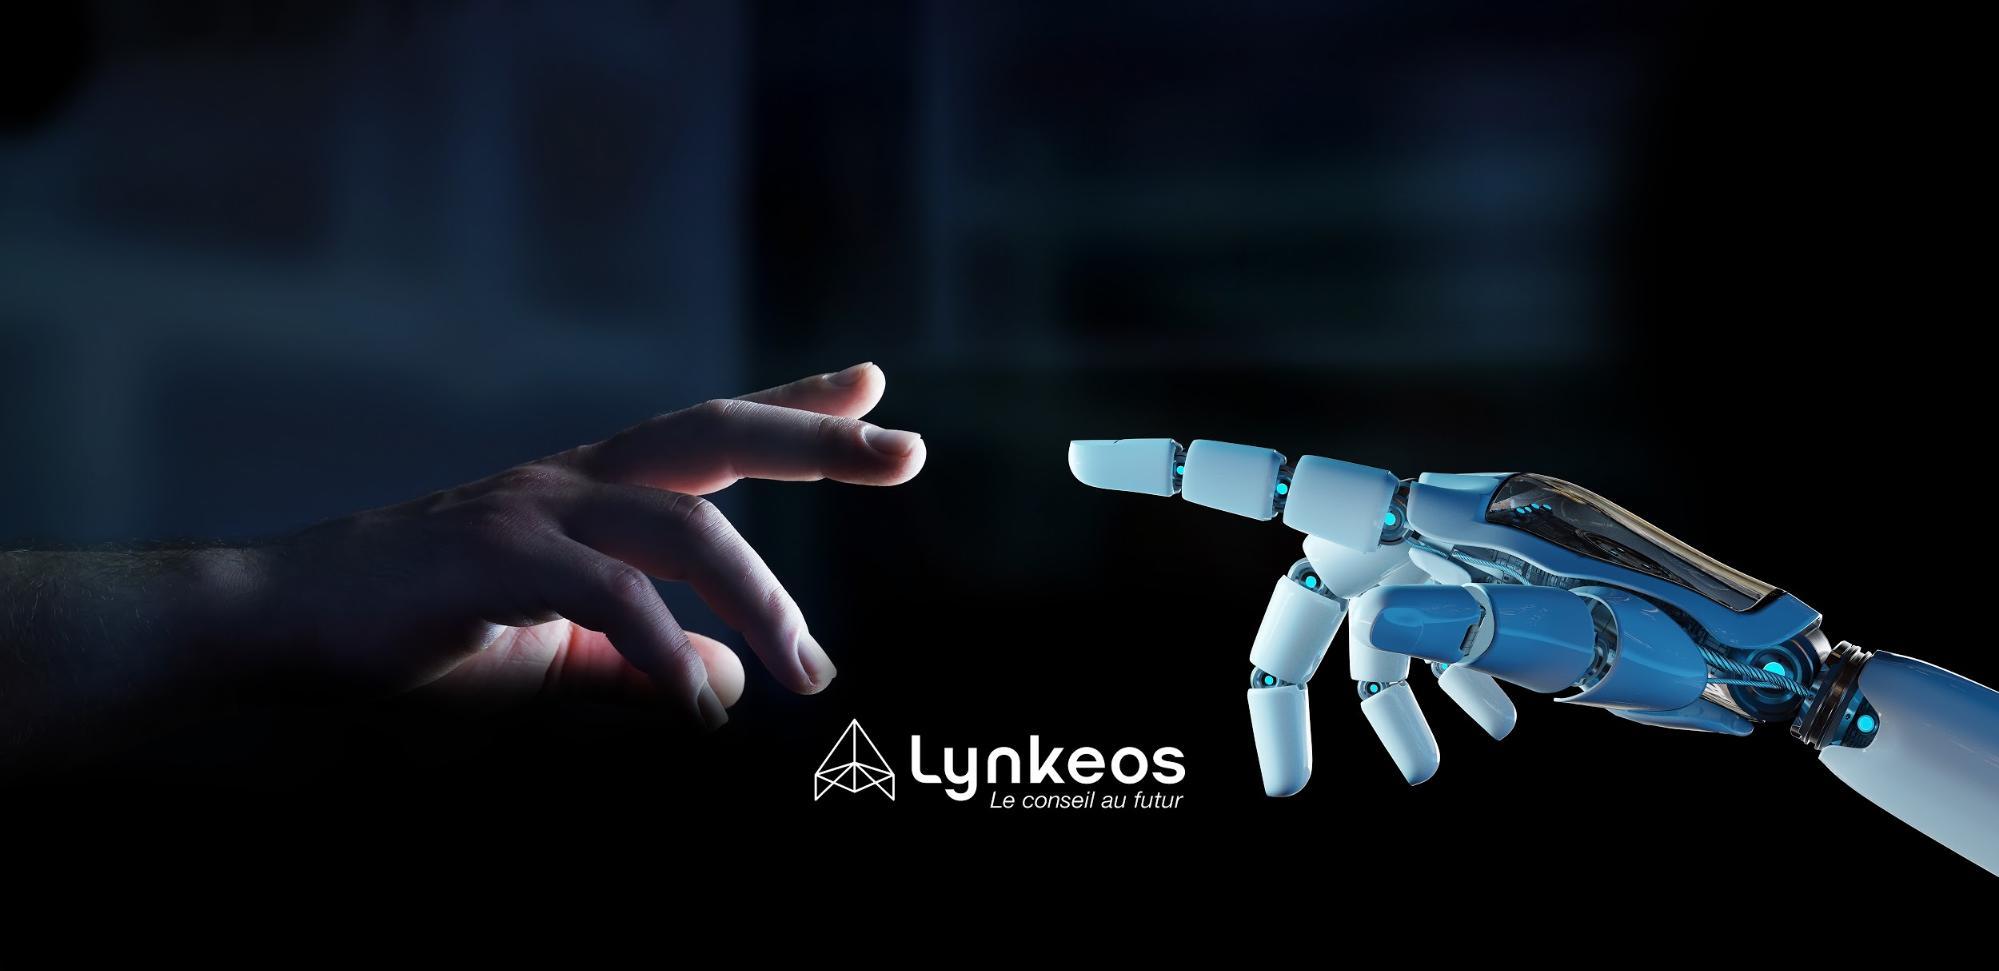 comment associer l'humain et la technologie